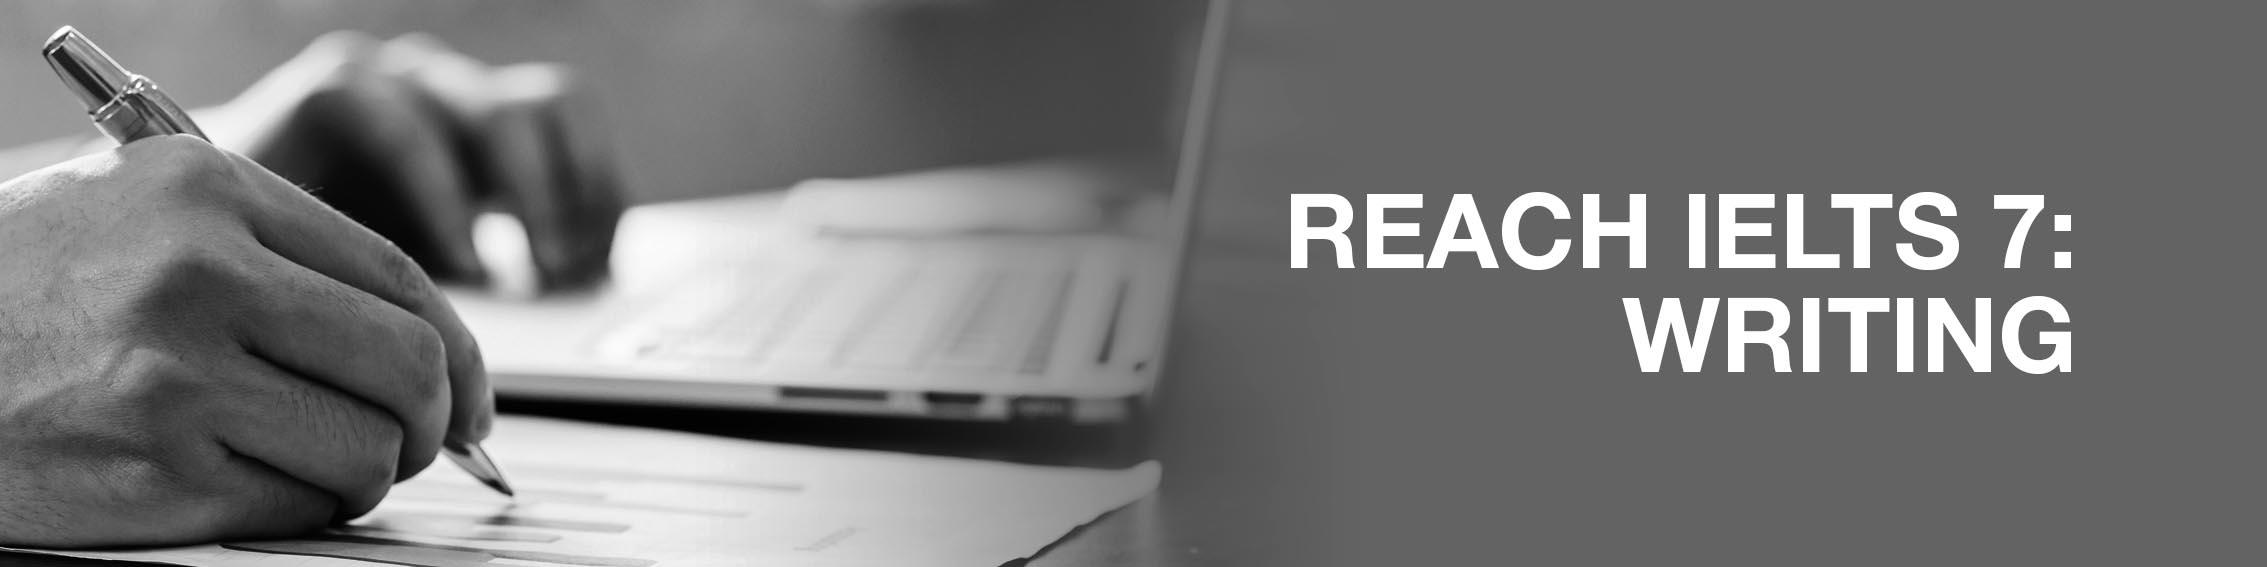 Reach IELTS: Writing